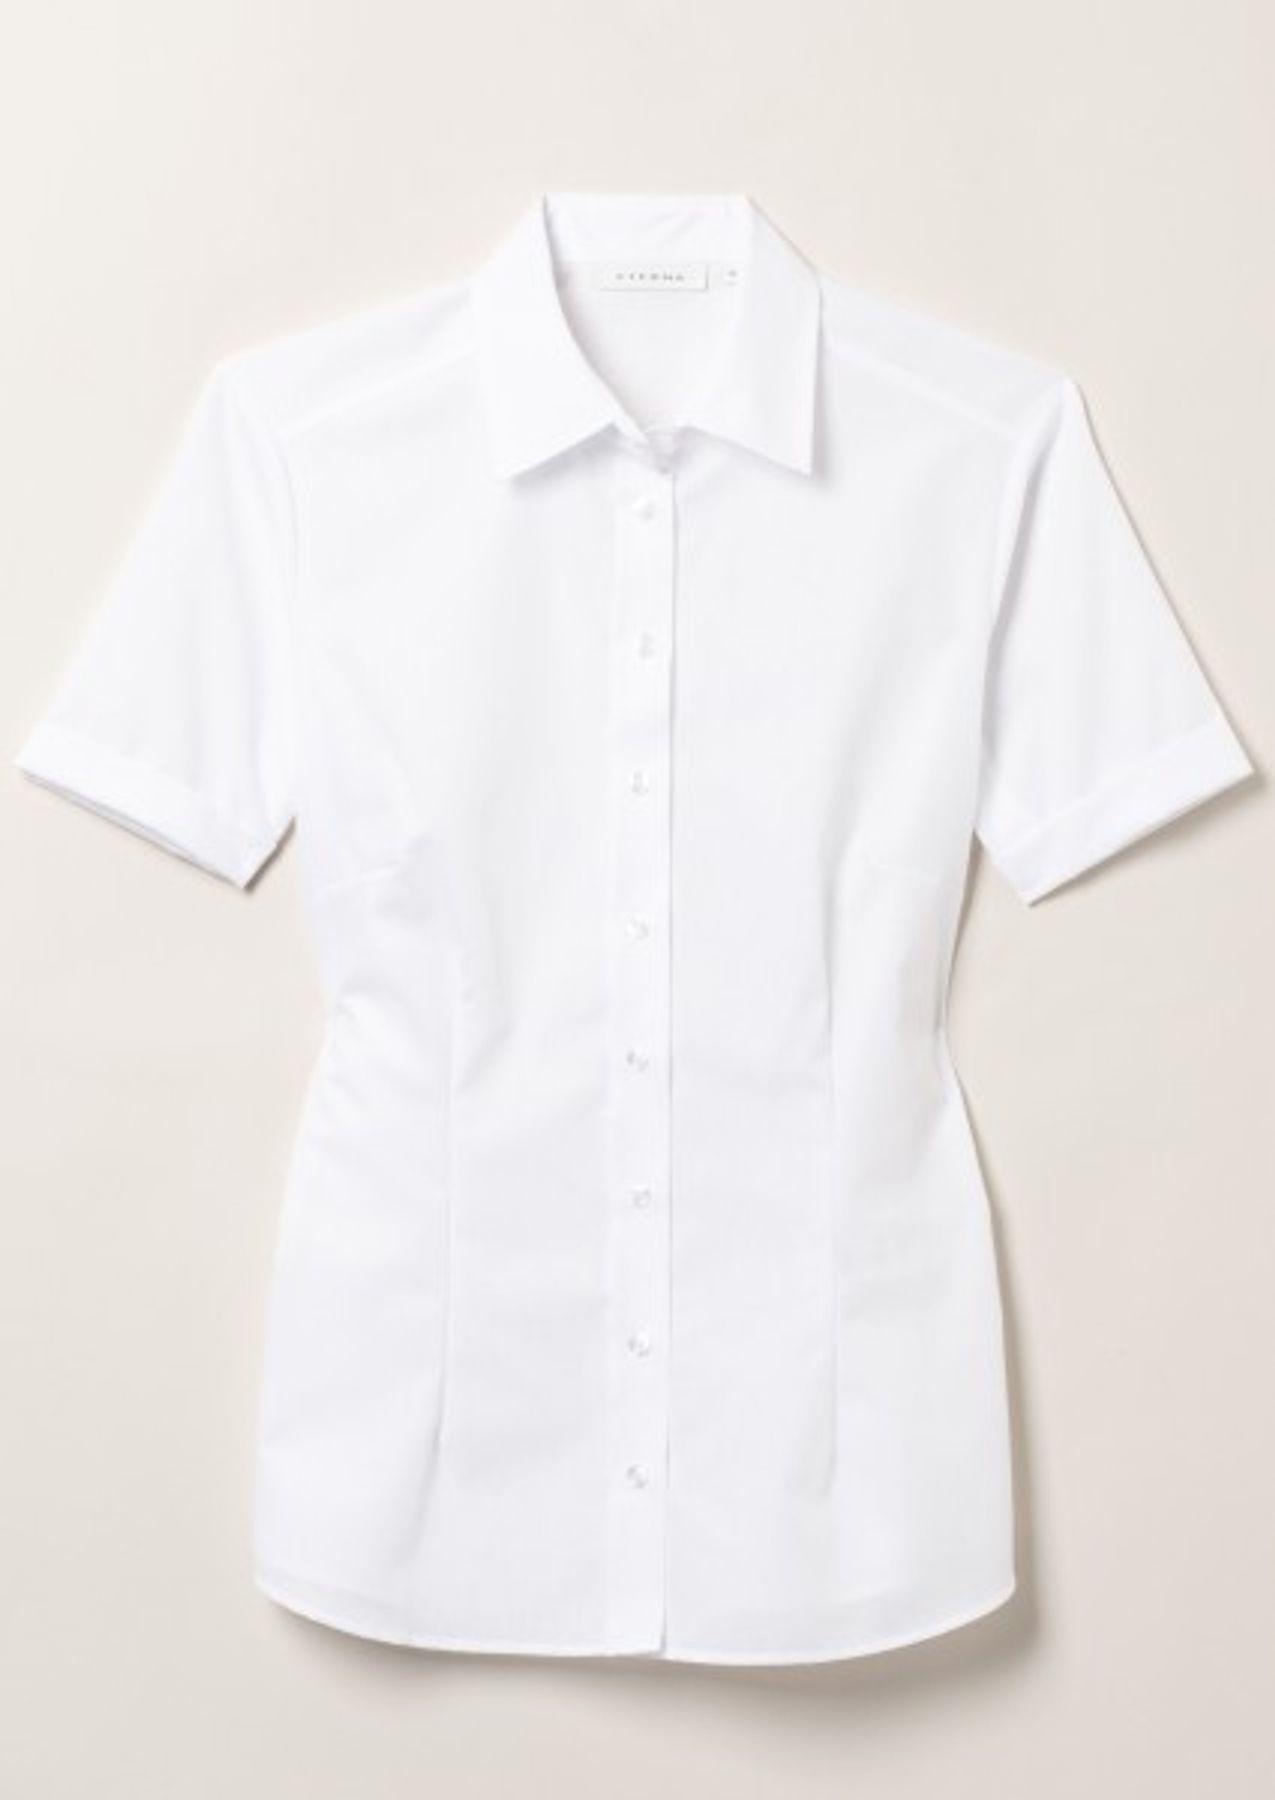 Eterna -  Comfort-Fit - Bügelfreie Damen Halbarm - Bluse in Blau, Weiß oder Schwarz (5220 H670) – Bild 4